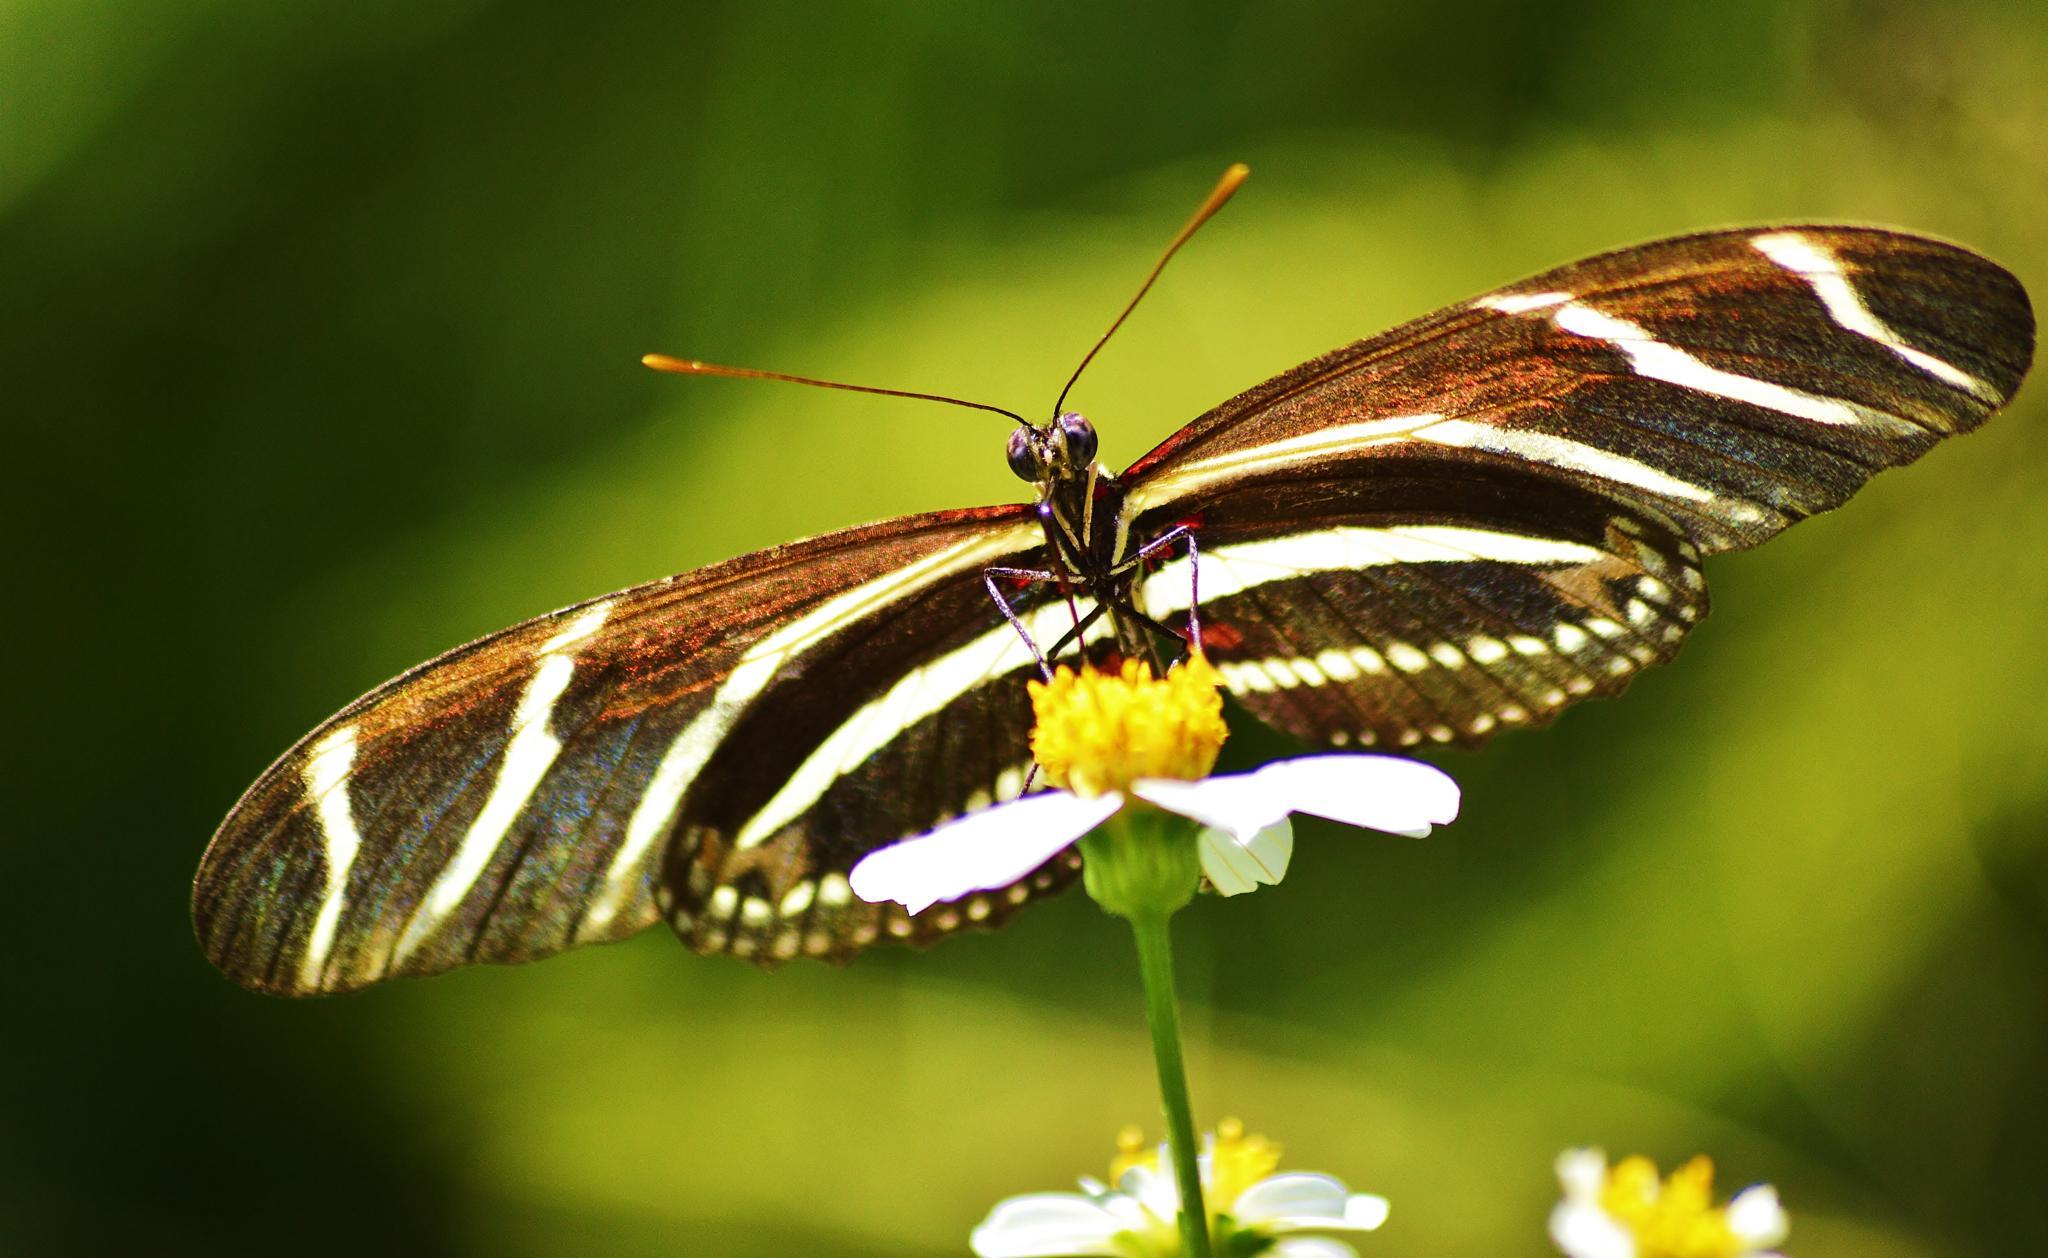 Zebra Longwing Butterfly by jamie.dorton